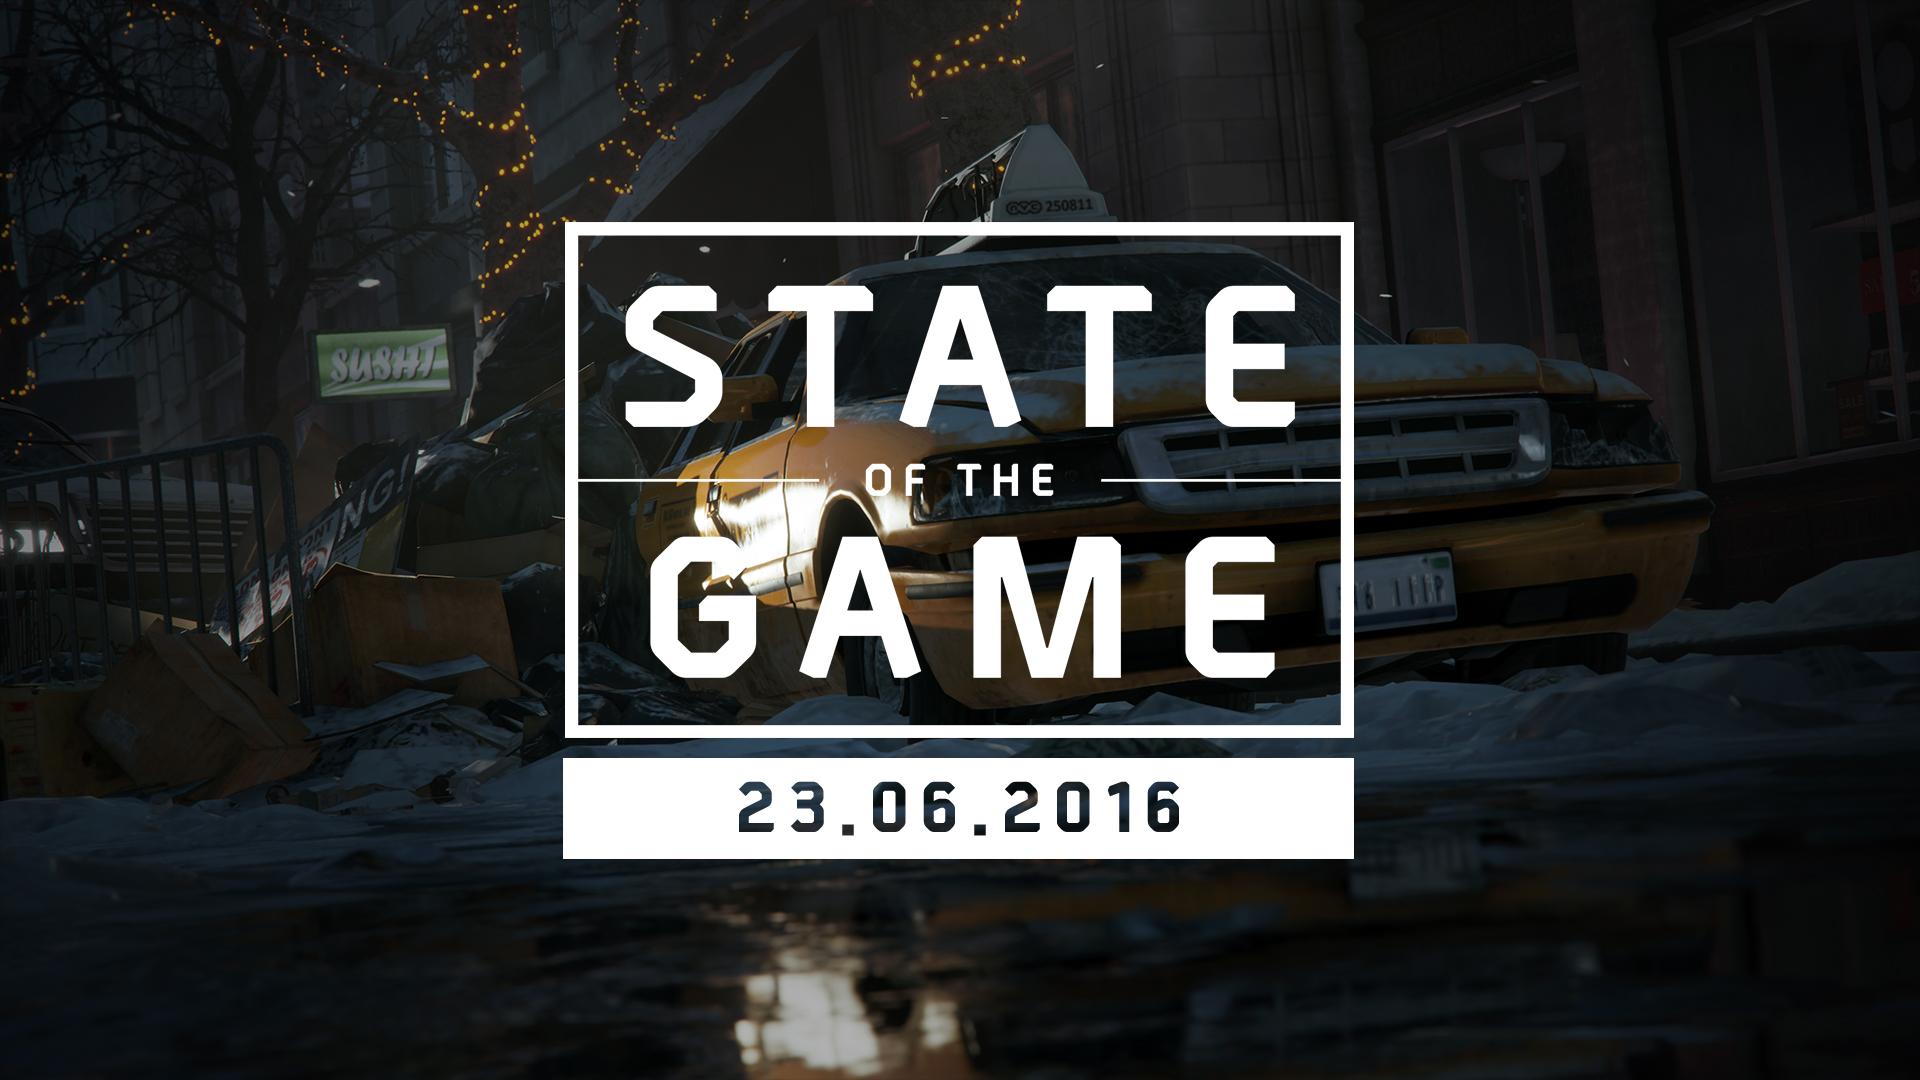 [2016-06-23] SOTG header